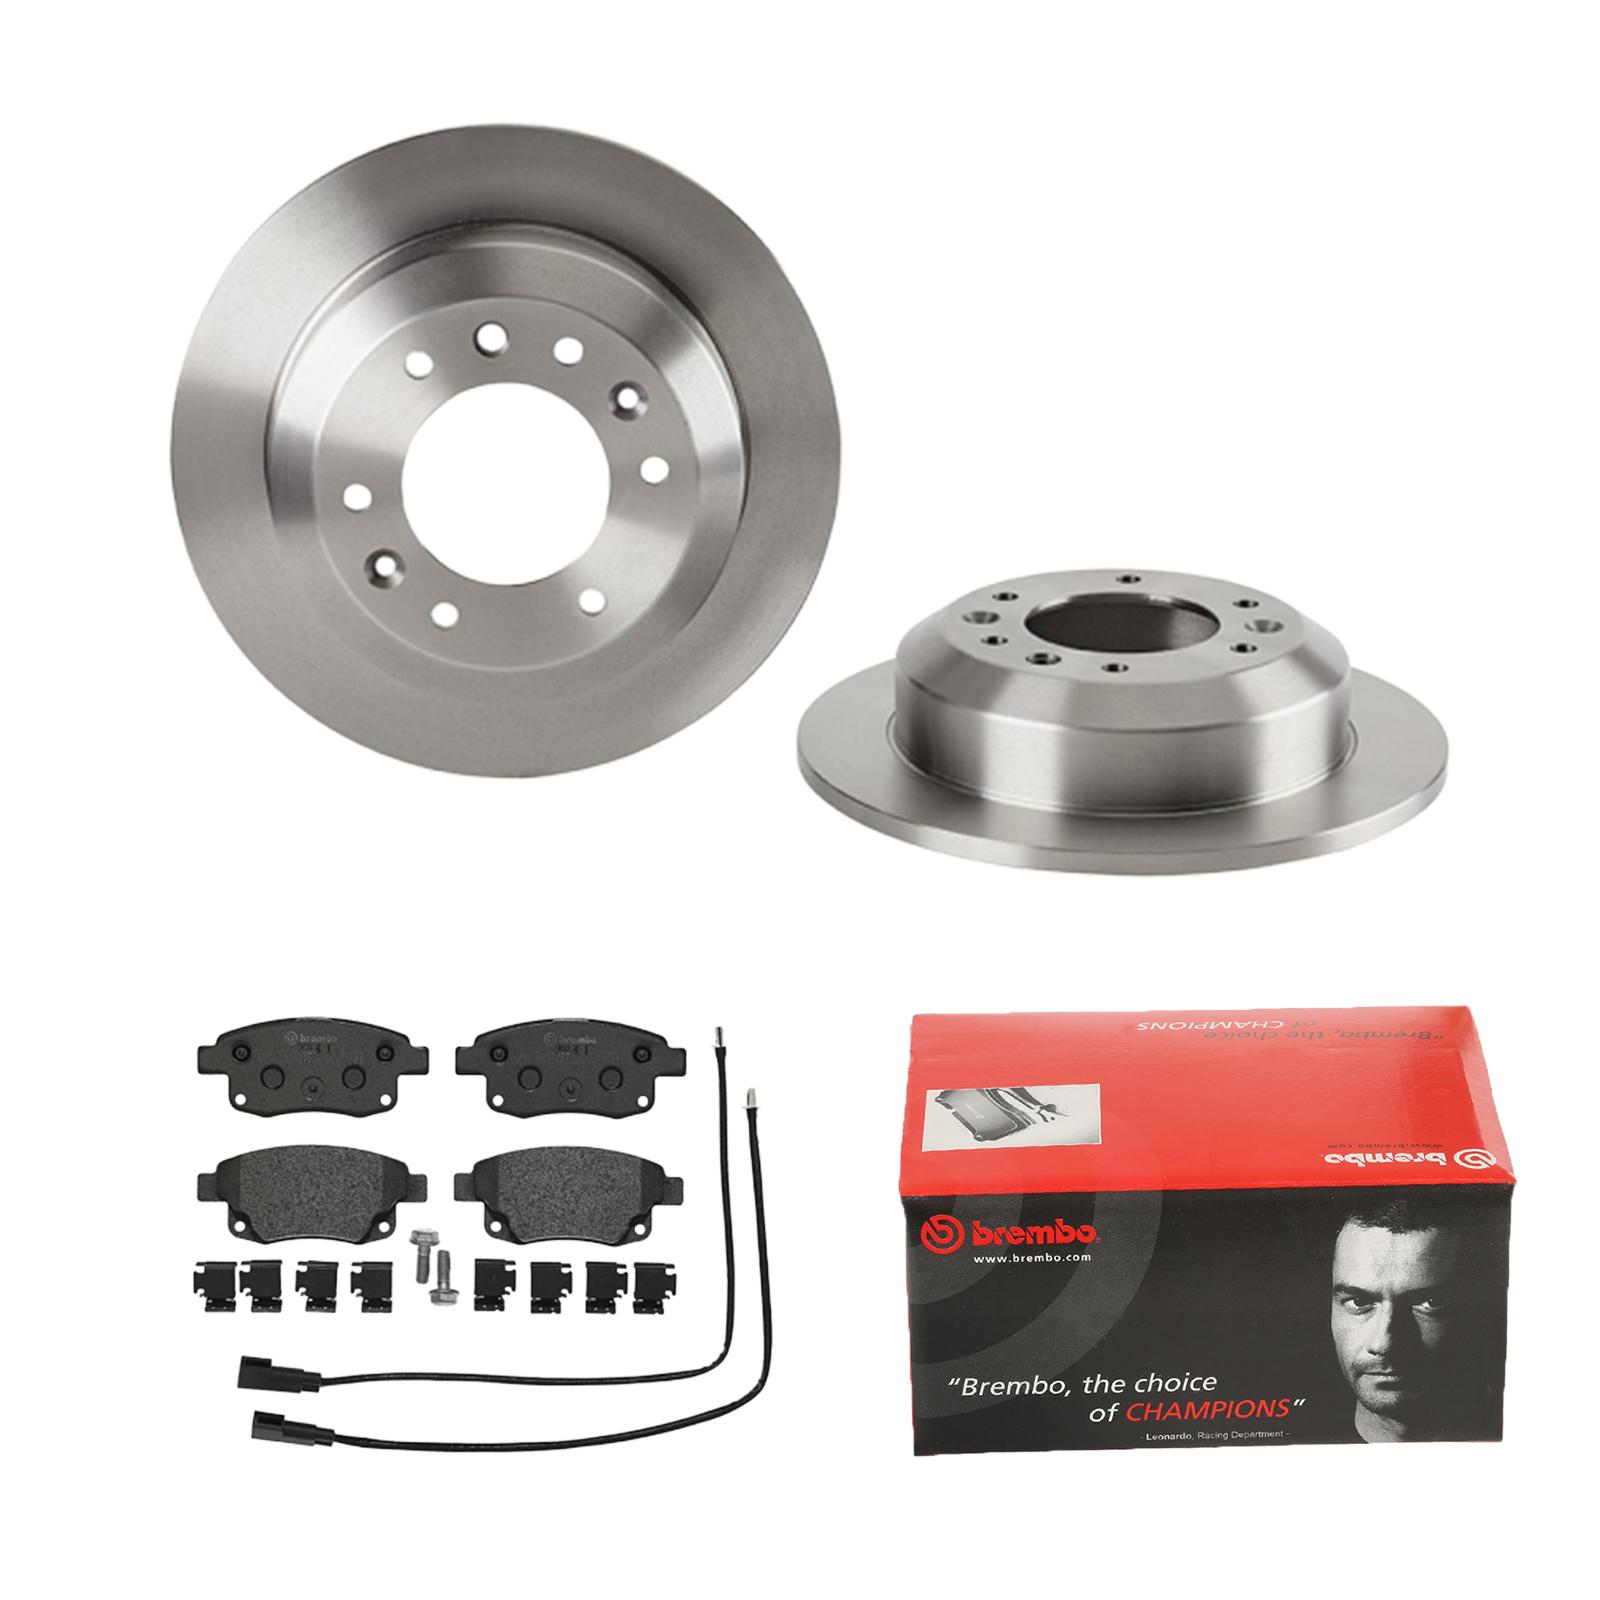 Bremsbeläge Hinten u.a Brembo2 Bremsscheiben Voll 245 mm für Audi